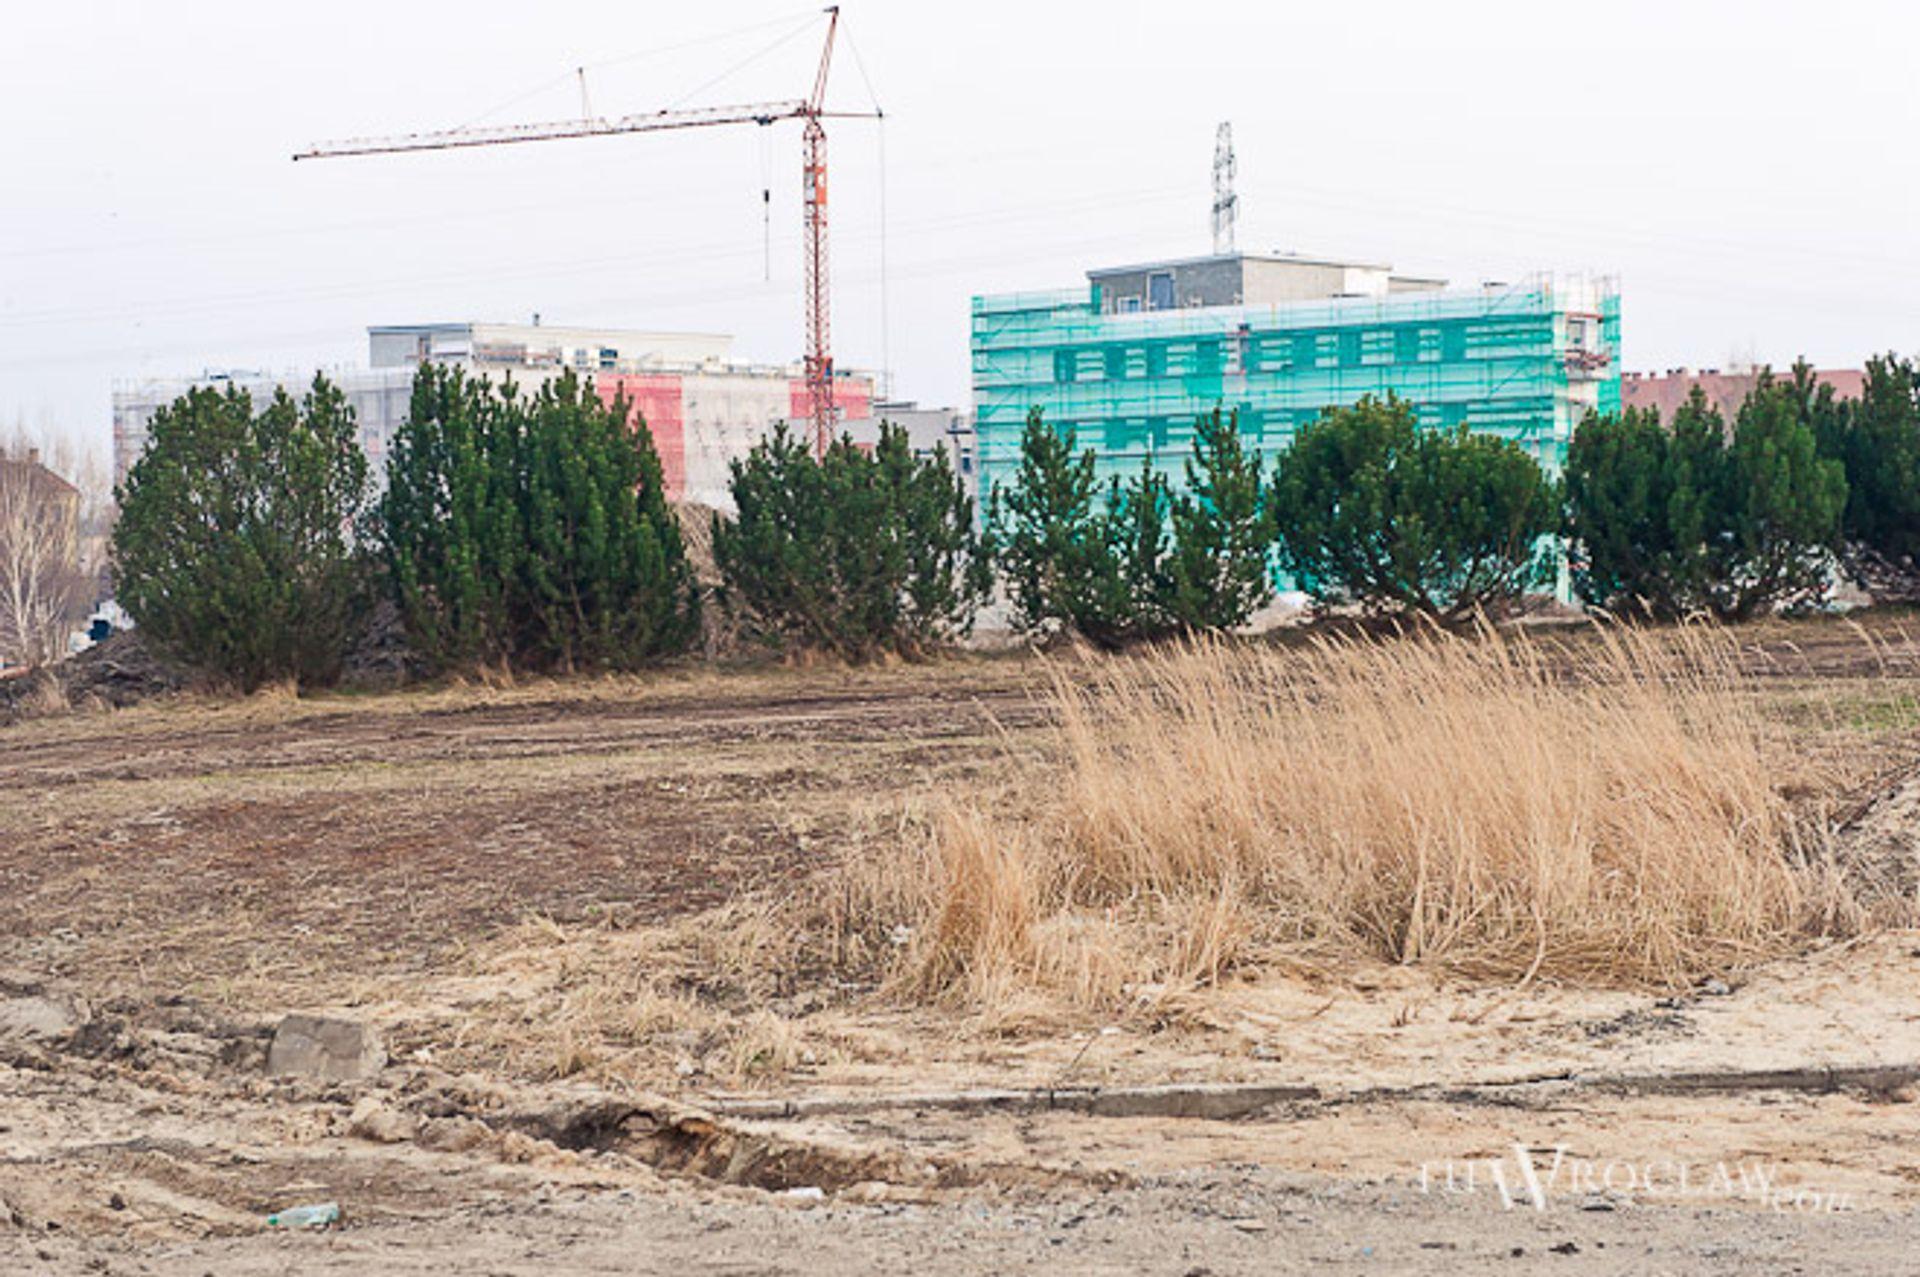 [Wrocław] Grunty inwestycyjne we Wrocławiu tracą na wartości - wcześniej były za drogie